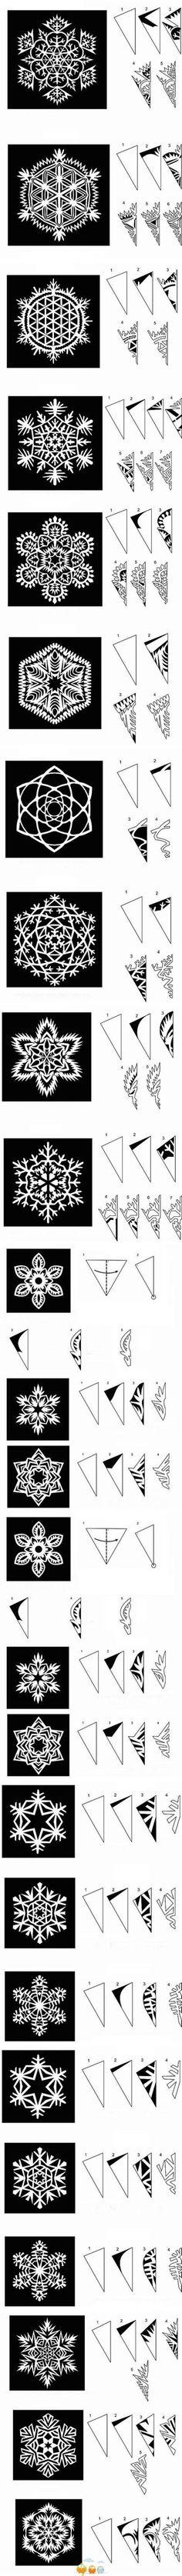 various snowflake patterns